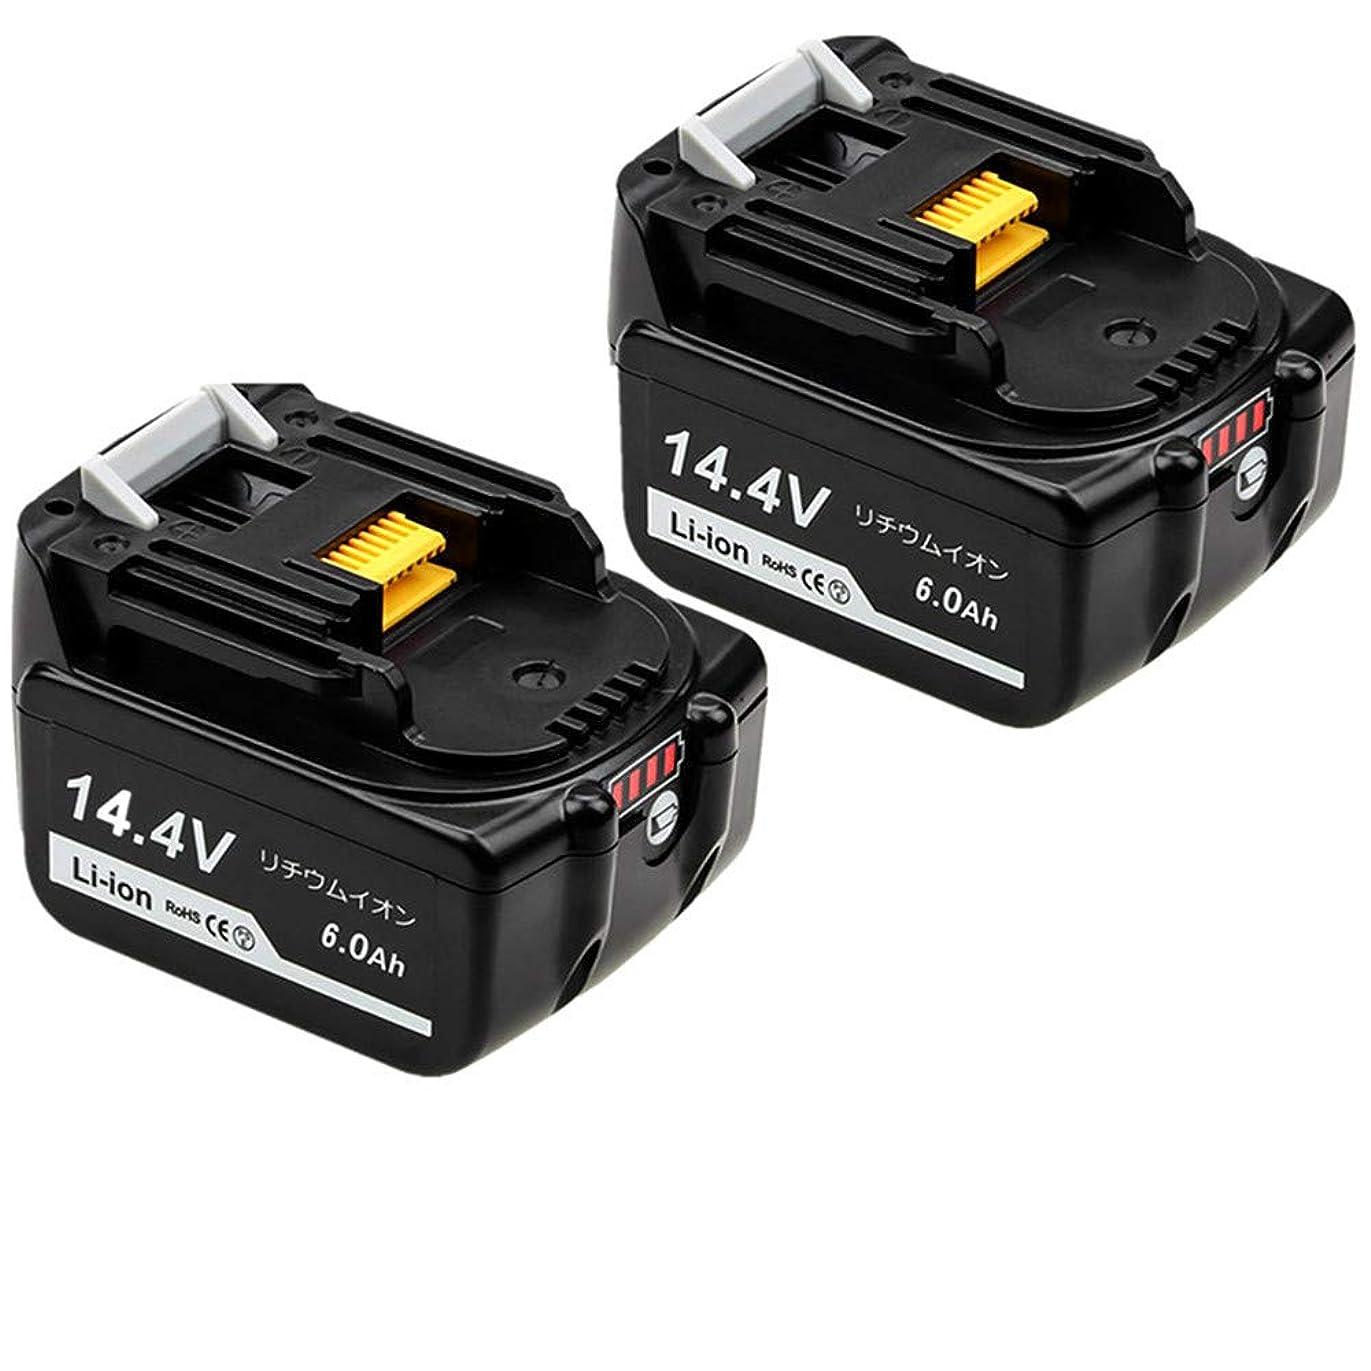 悪用半島老人マキタ 14.4v マキタバッテリー14.4v マキタ互換バッテリー BL1460B互換バッテリーマキタバッテリー 6.0Ah 【2個セット】 LED残量表示 マキタ互換バッテリー14.4v BL1460 BL1430 BL1440 BL1450 BL1460 対応 安心の1年保証 Topbatt